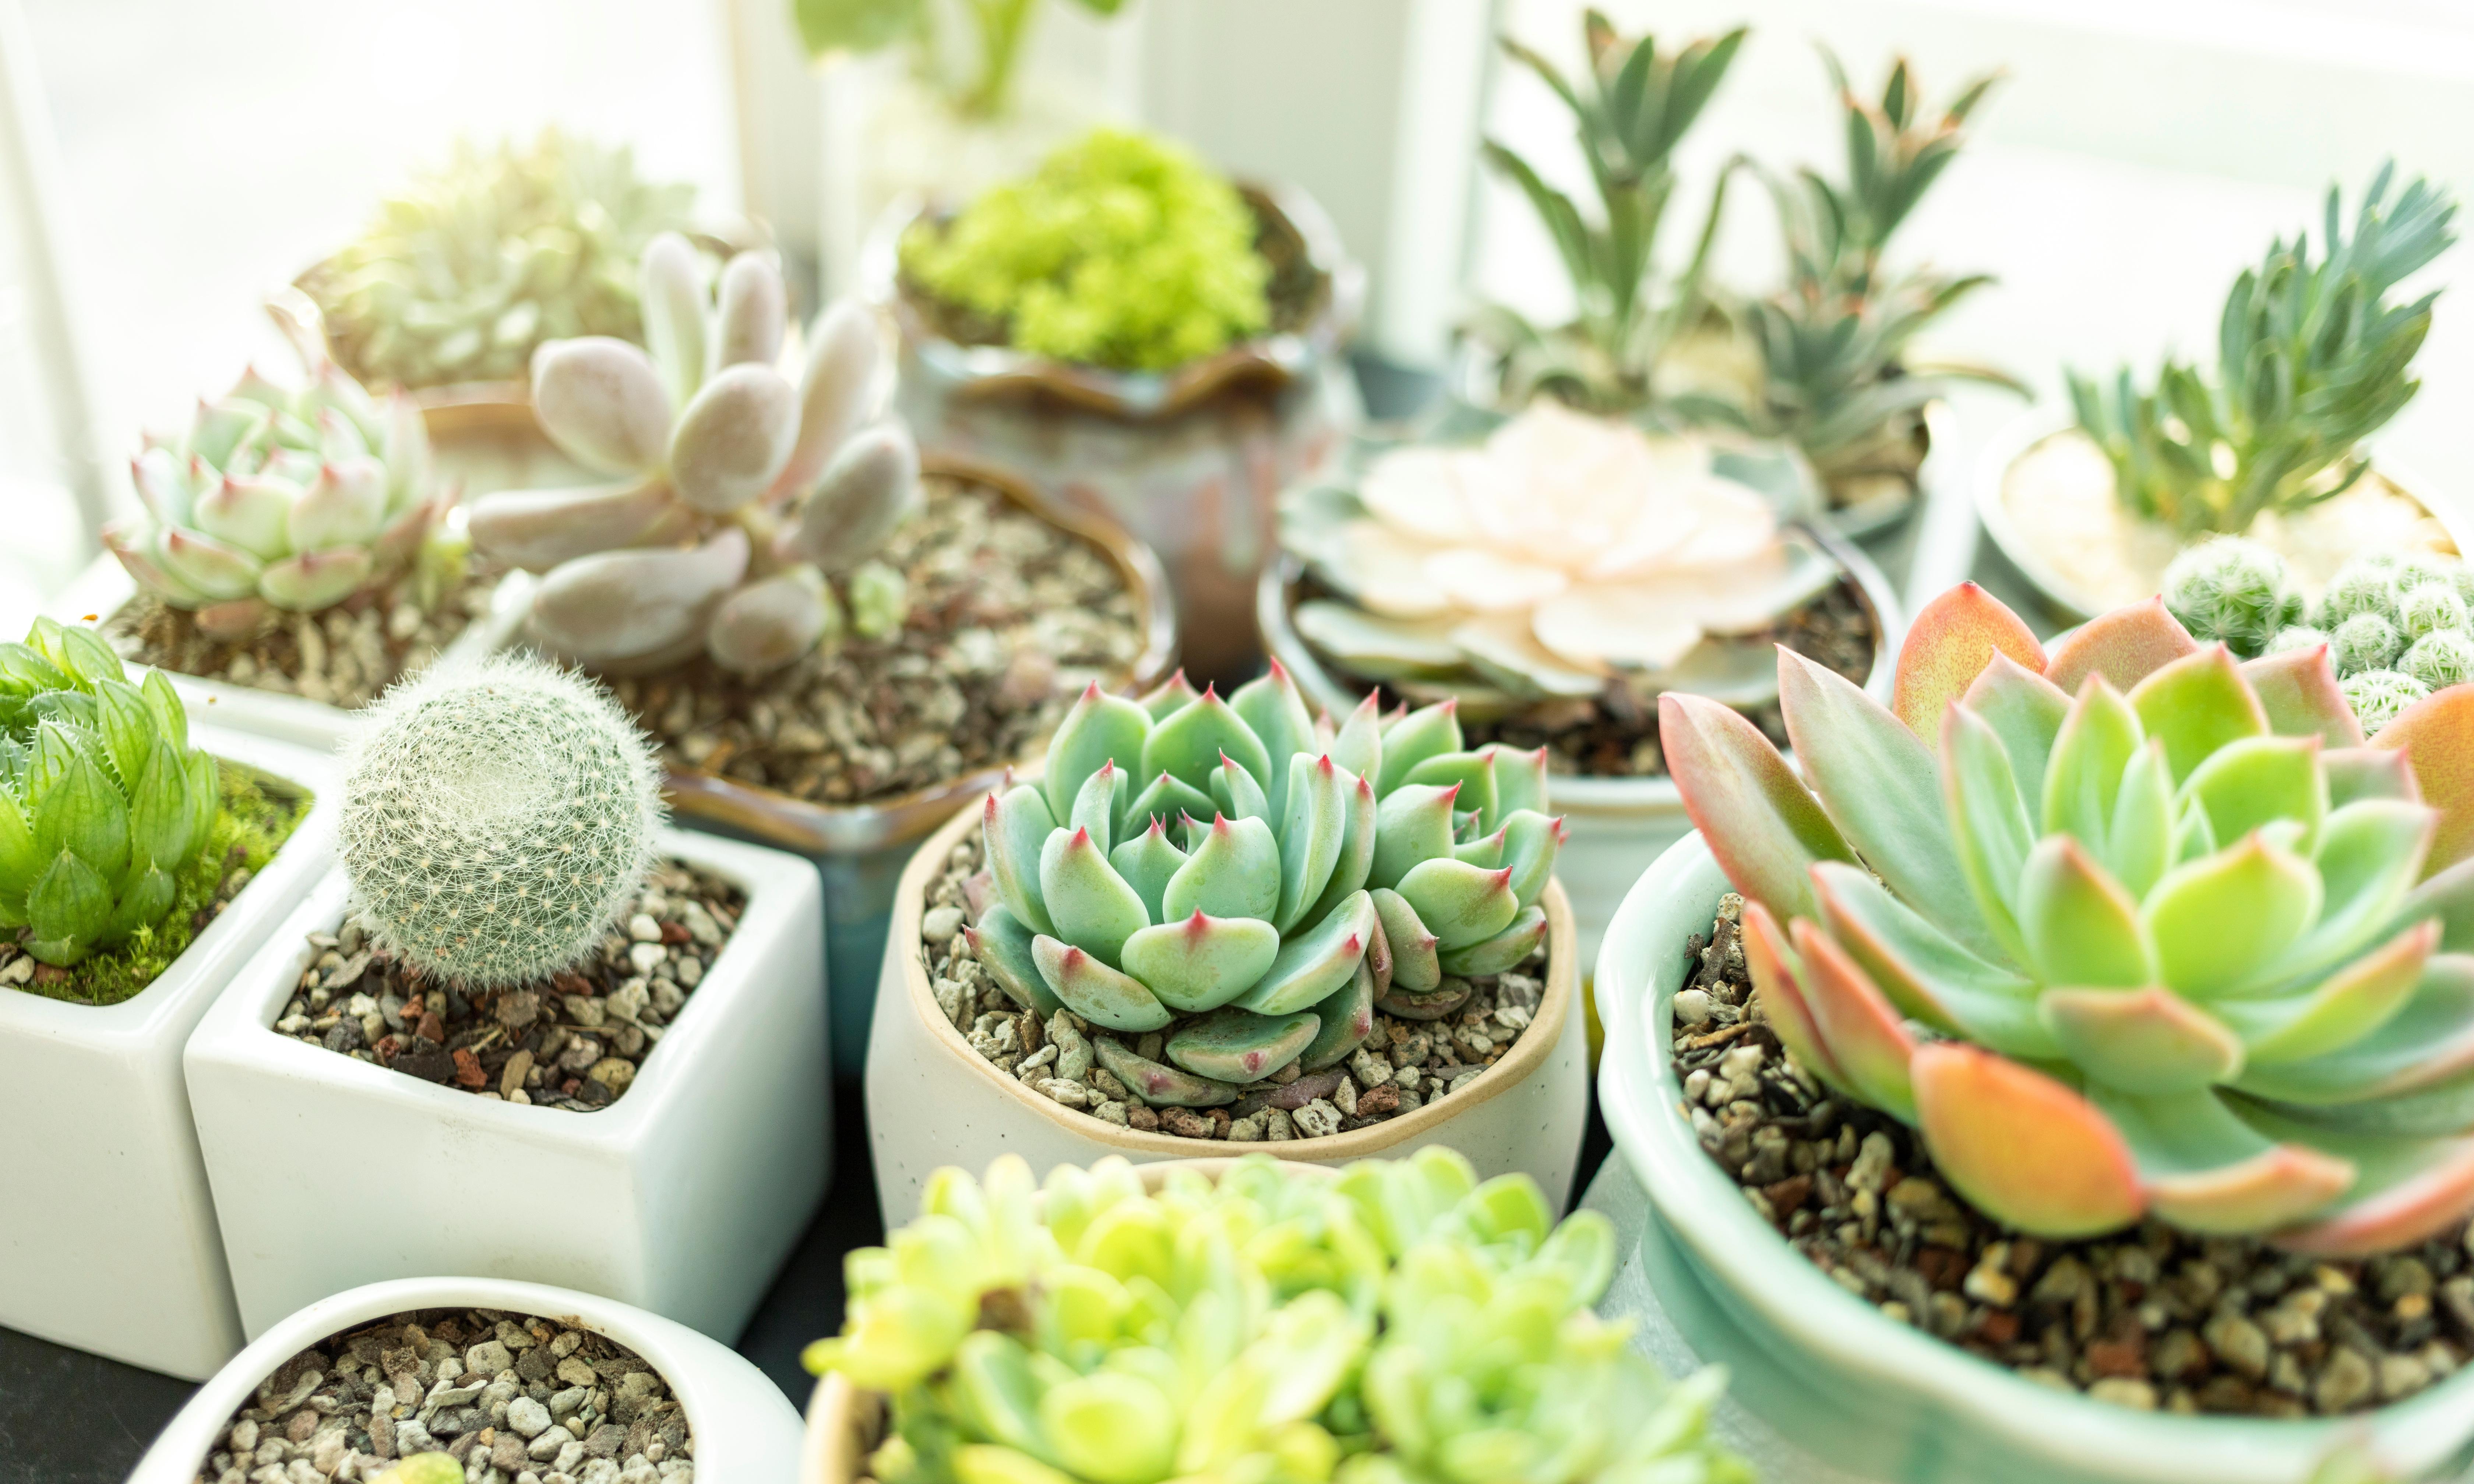 How to tend indoor plants in winter